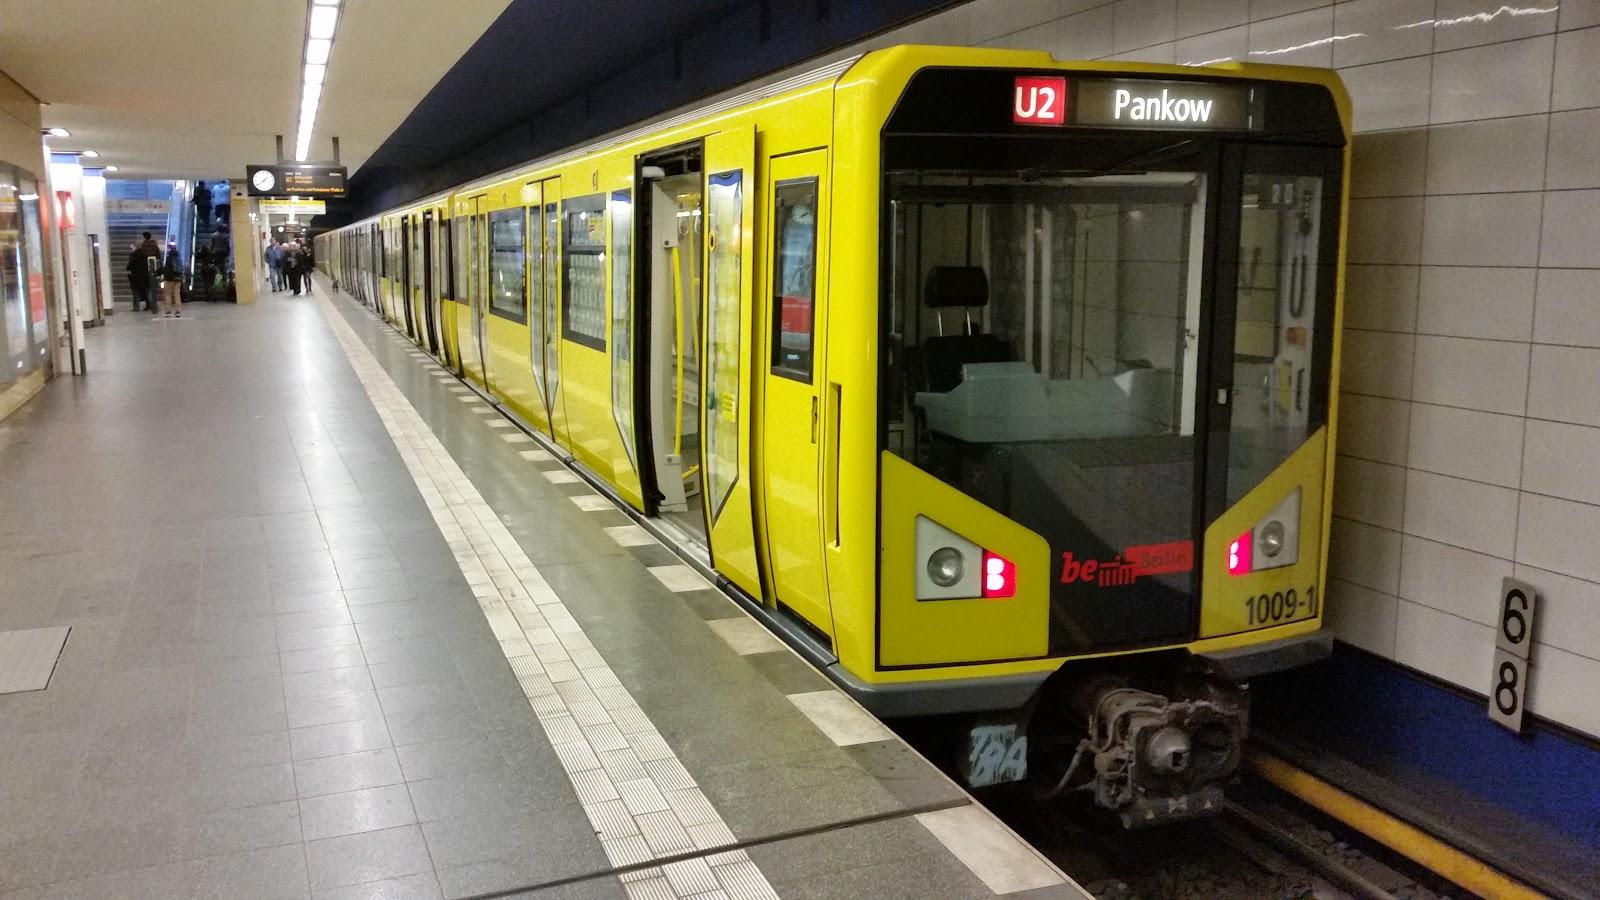 Bahnhöfe U Bahn Die Bvg Und Das Loch In Der Decke Wasserschaden